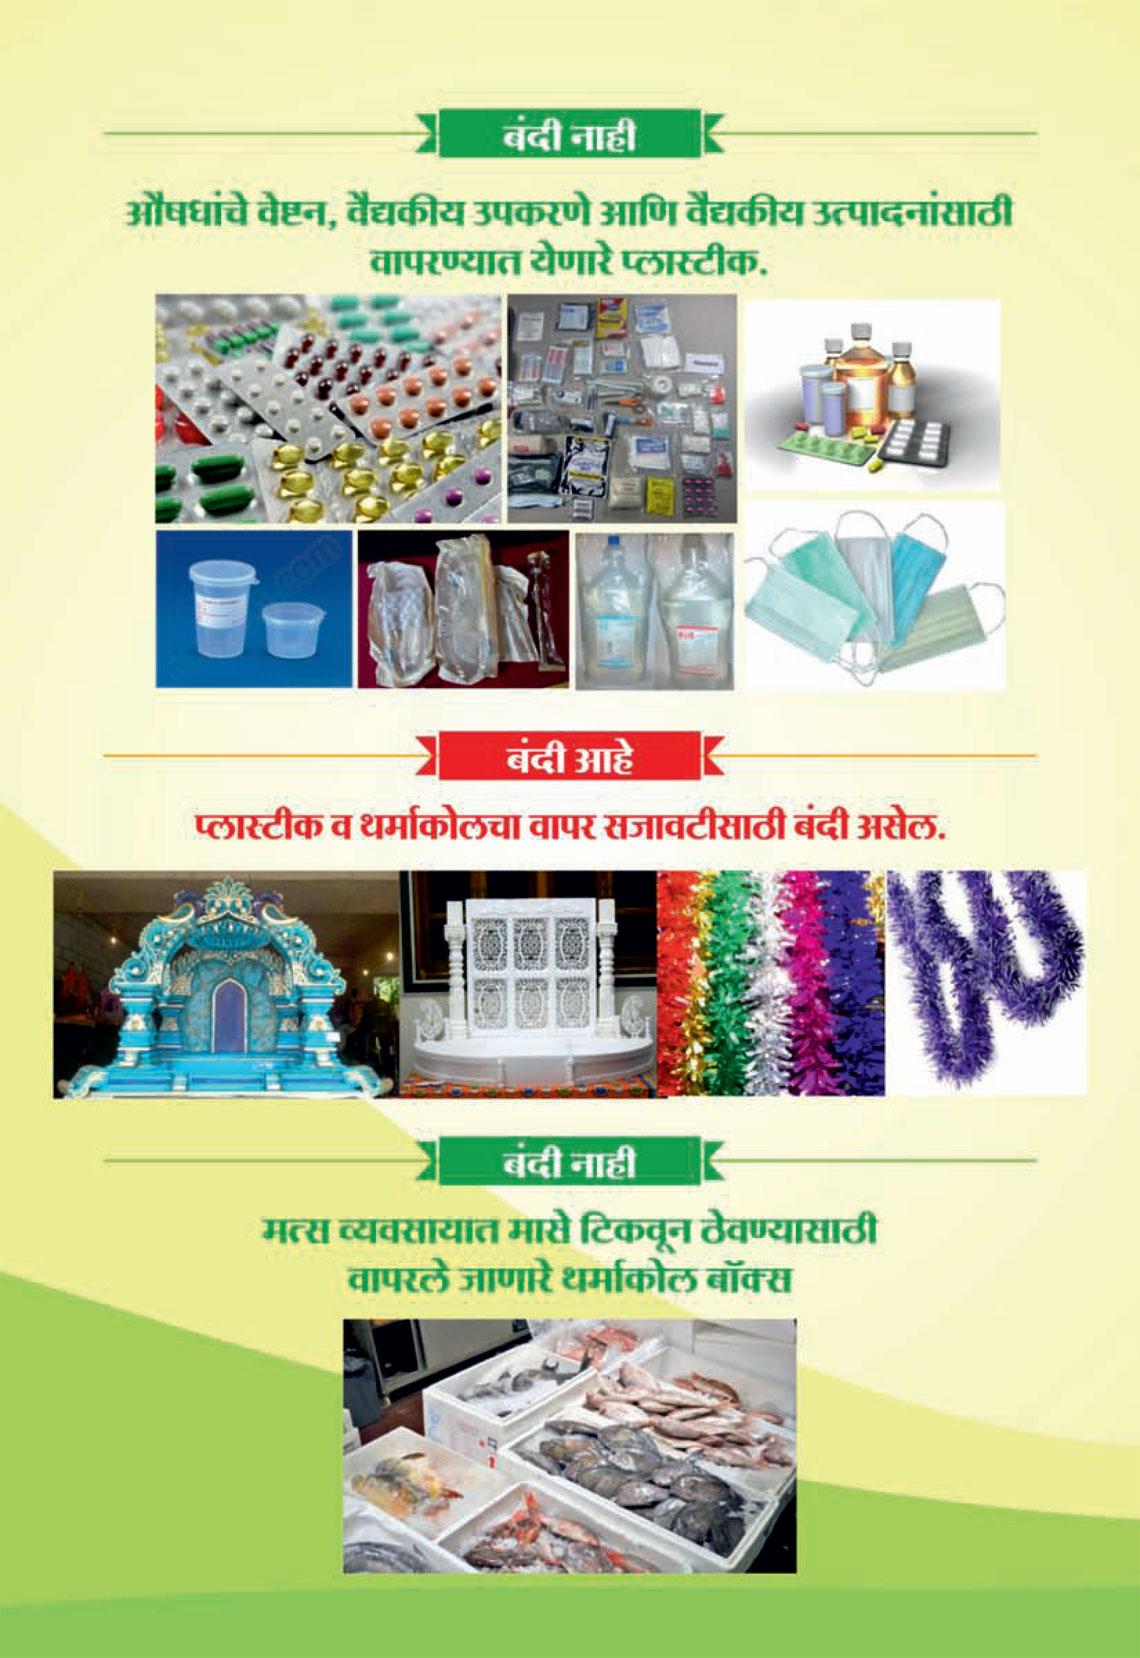 plastic-ban--brochure-10